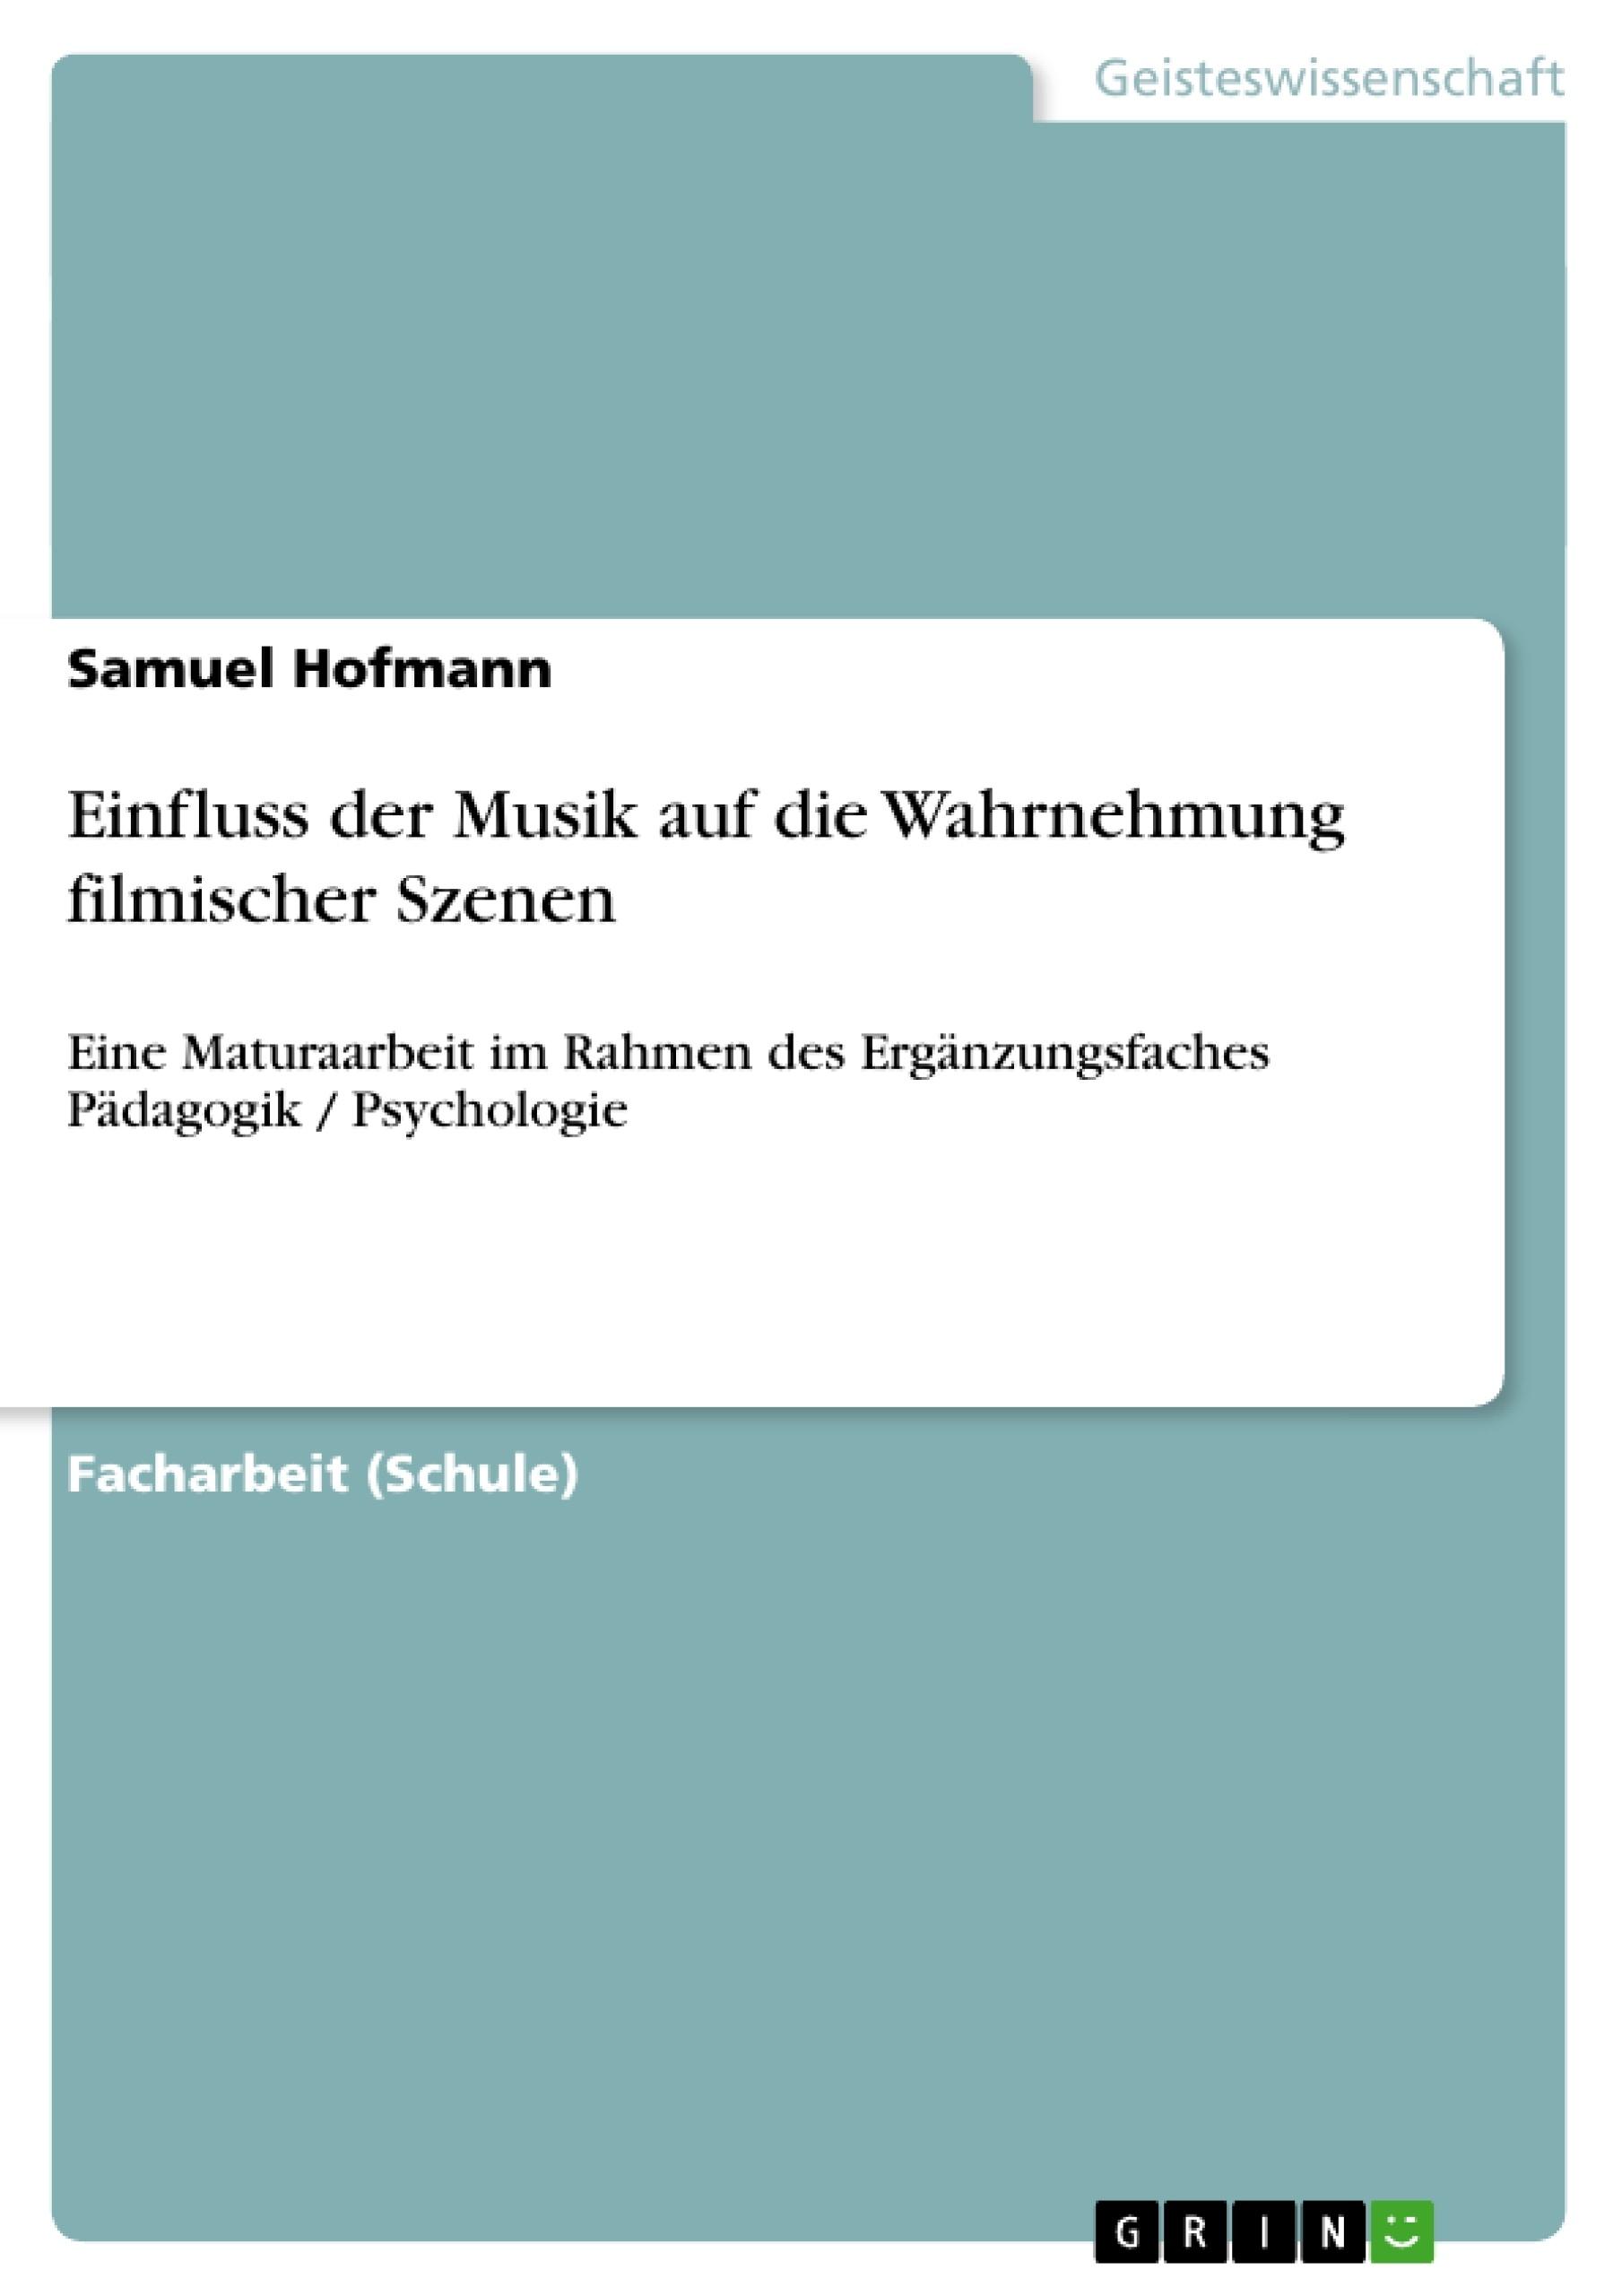 Titel: Einfluss der Musik auf die Wahrnehmung filmischer Szenen